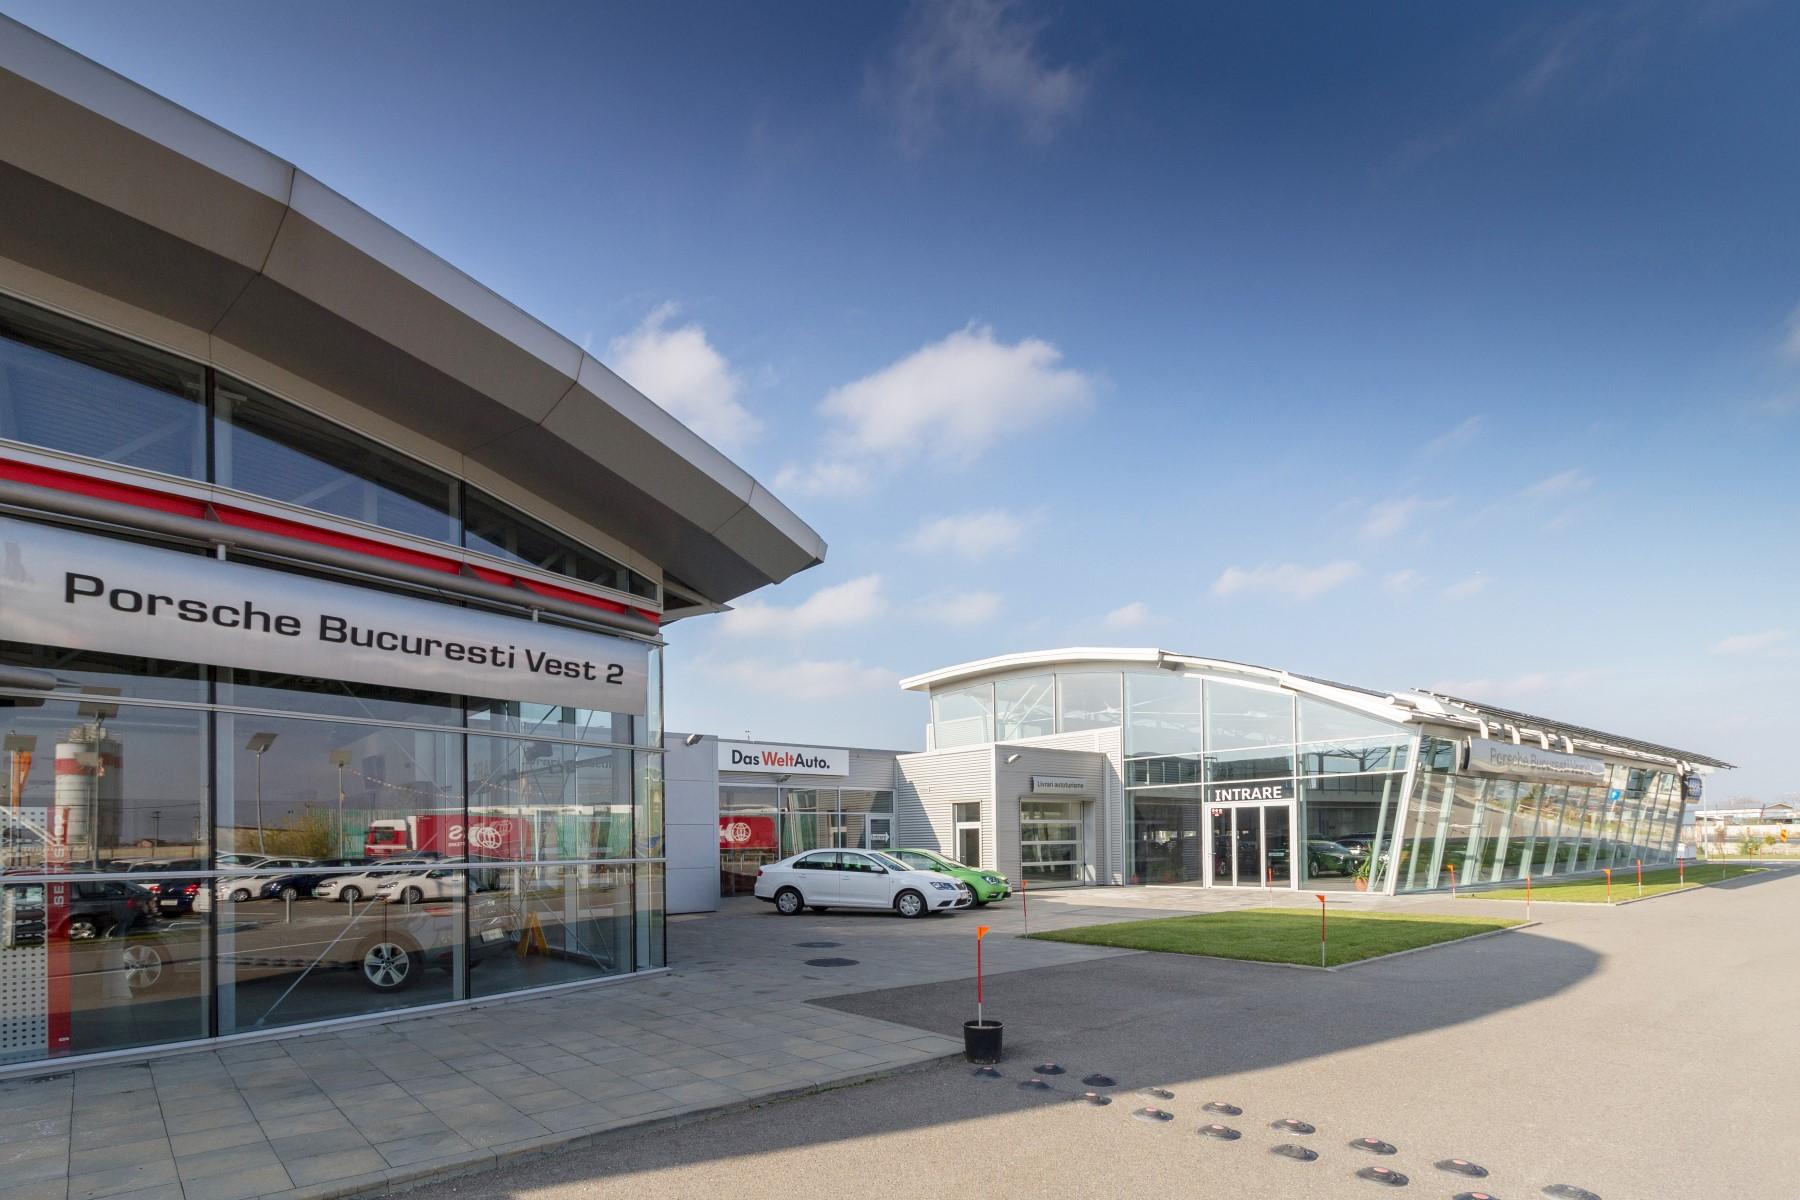 Porsche Showroom și Service Auto București Vest 2 Architect